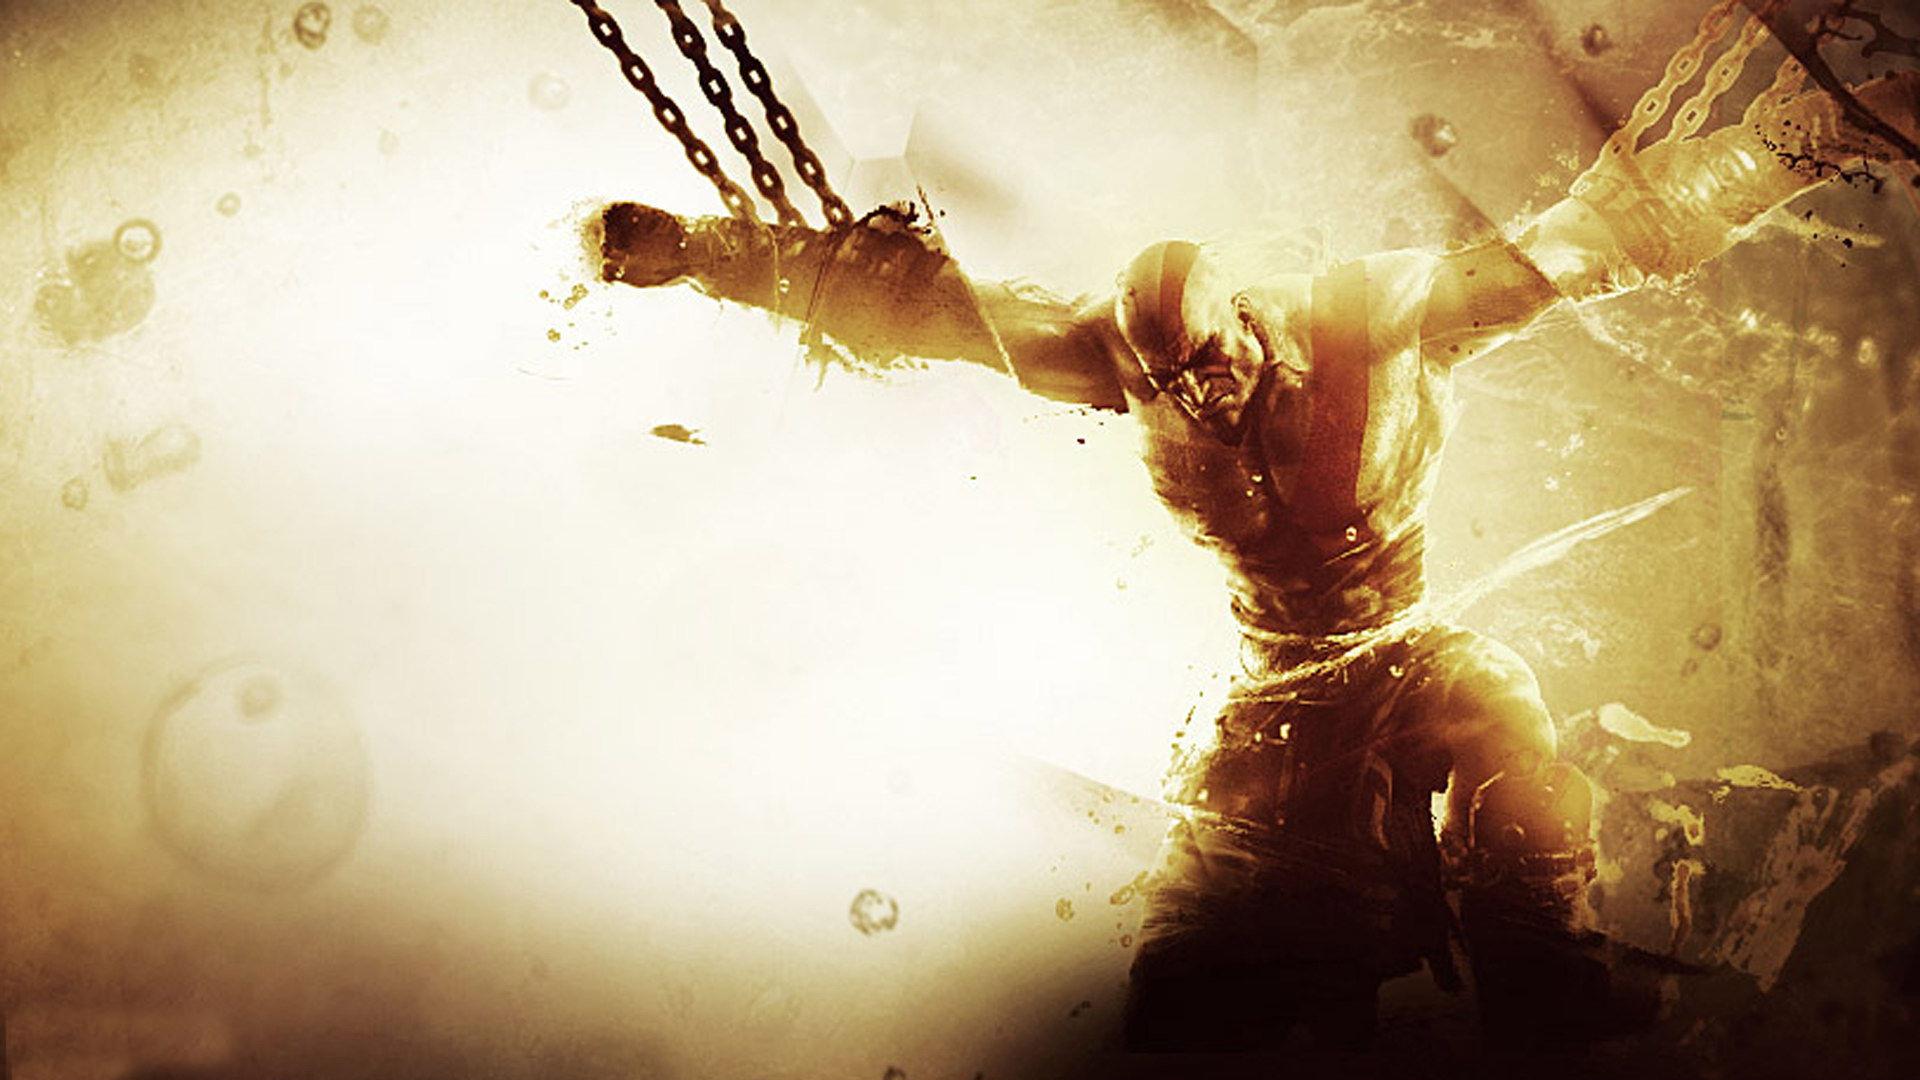 God Of War Iii Kratos Eyes Hd Desktop Wallpaper High Definition